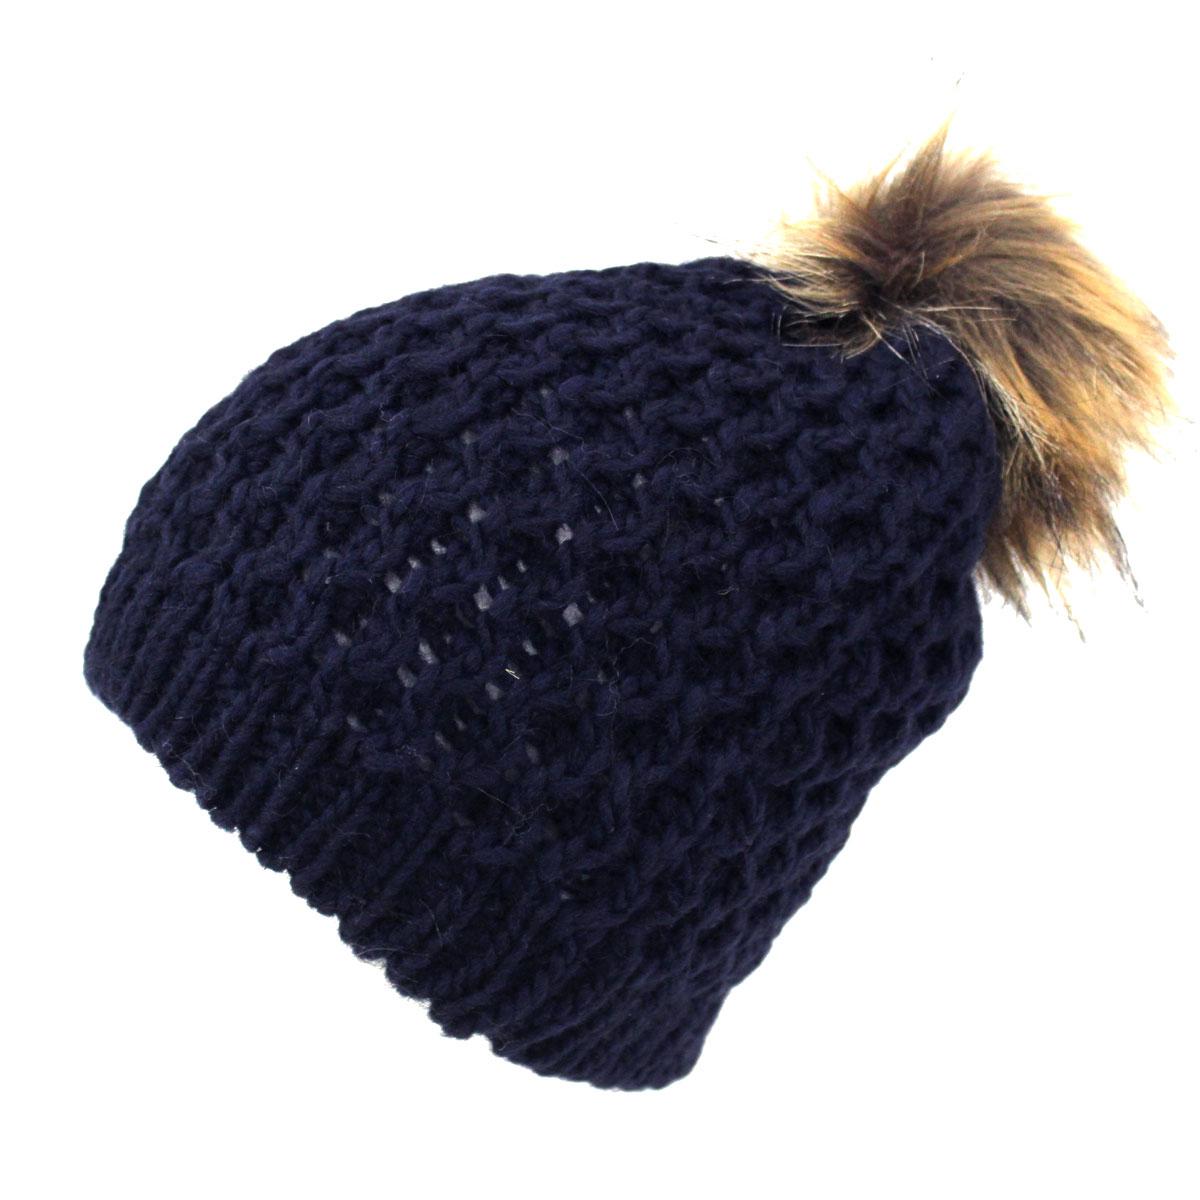 Cappello donna a maglia LANA ALPACA VISCOSA CUFFIA MADE IN ITALY m1516pe blu d5effe40f865